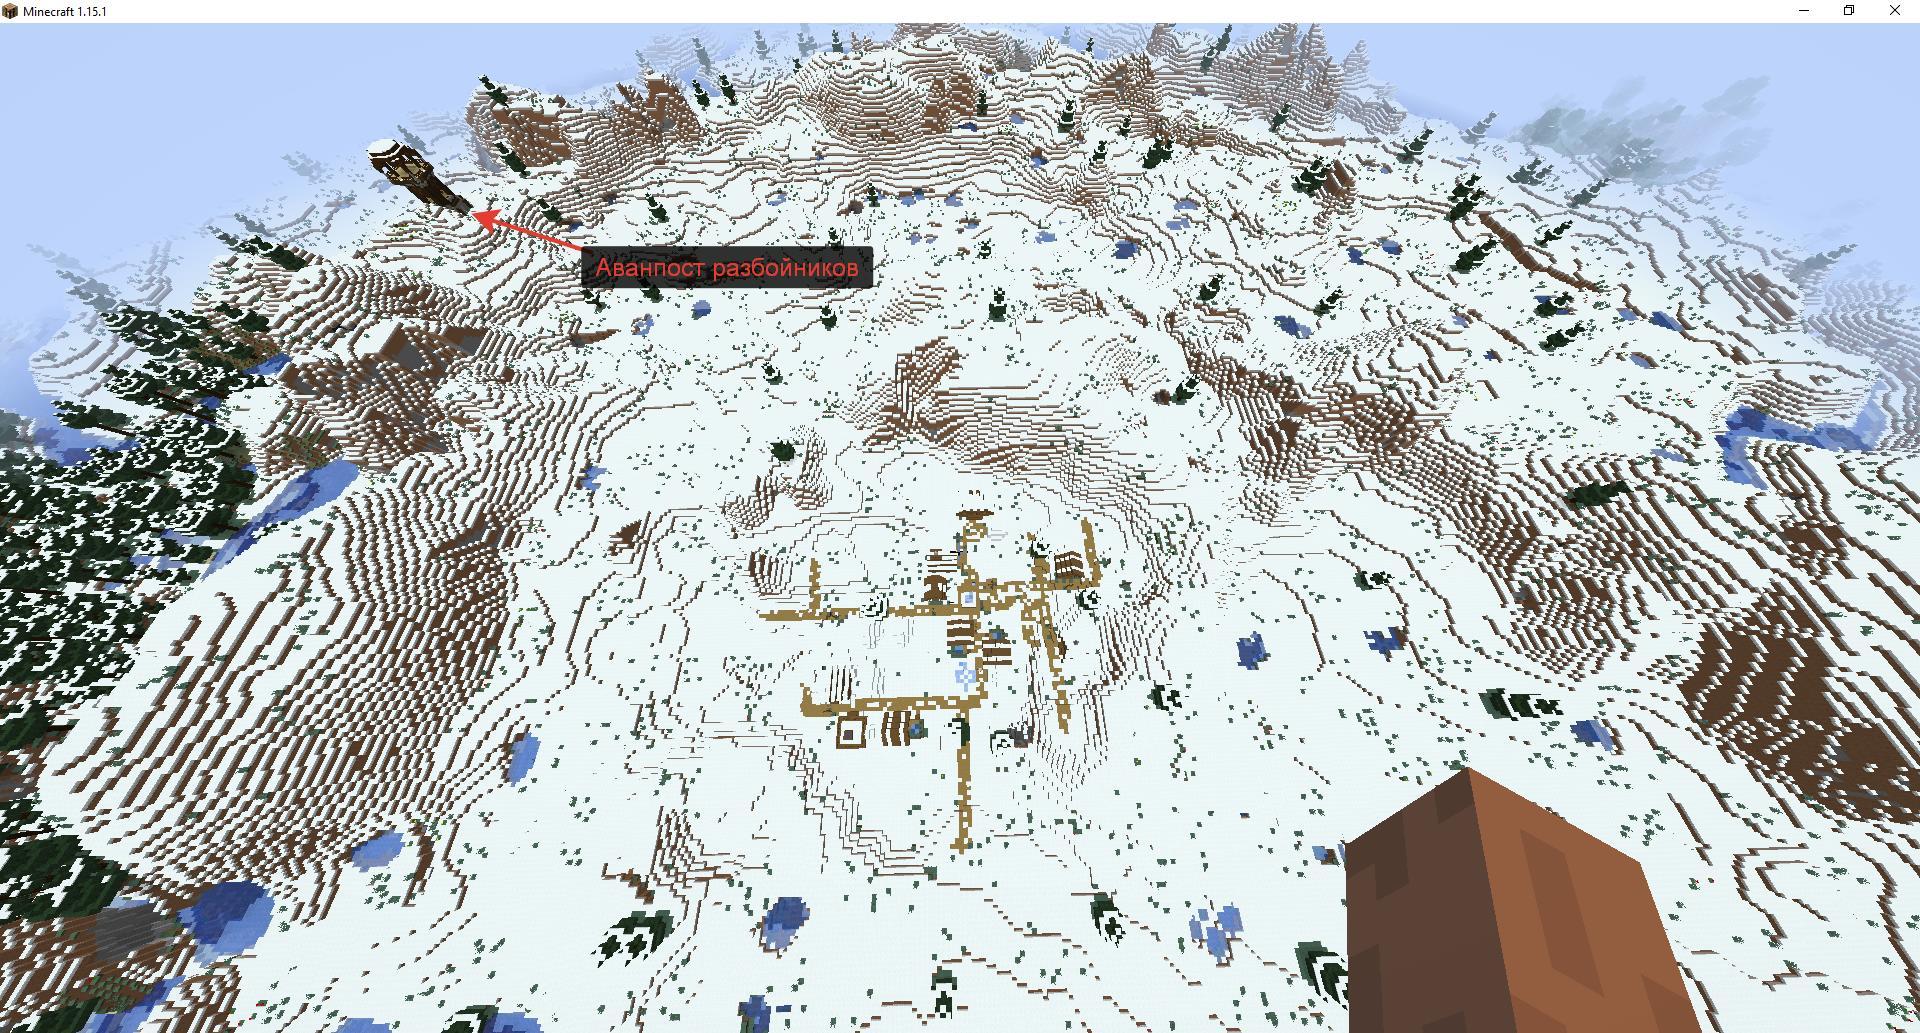 Сид «Появление в иглу» (Зимняя деревня) - скриншот 3